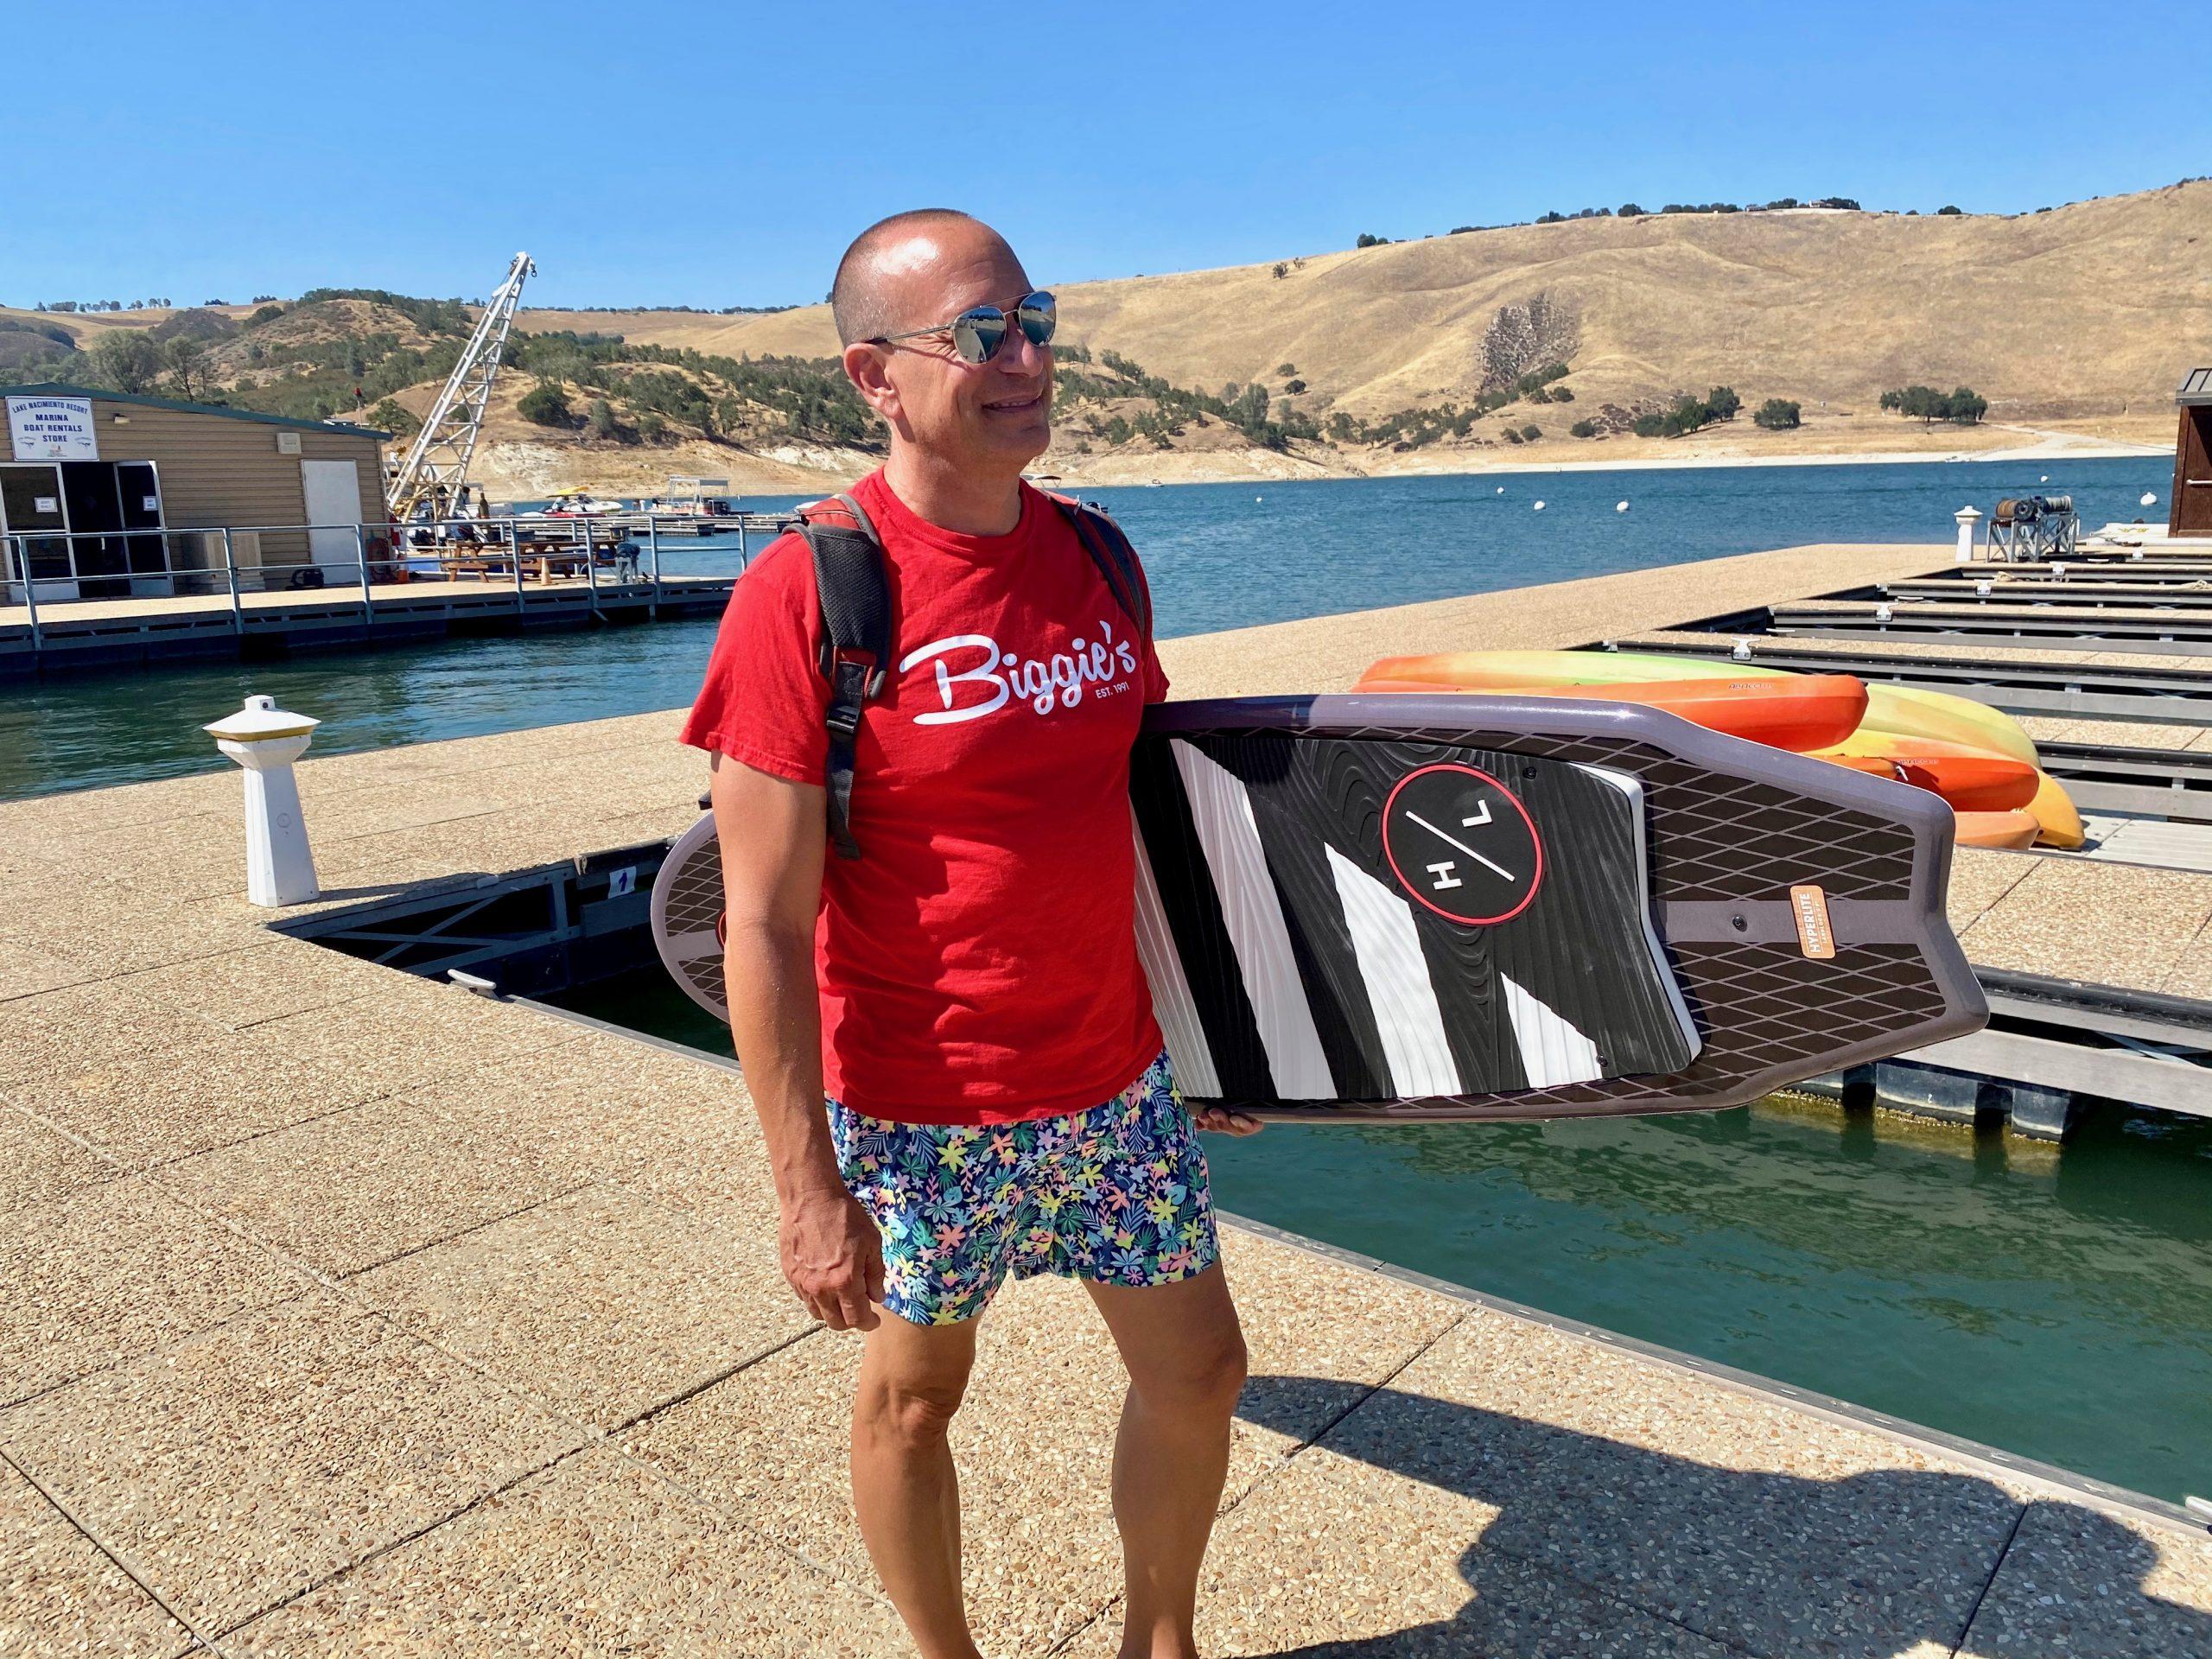 Man holding wake surfboard at Lake Nacimiento, CA